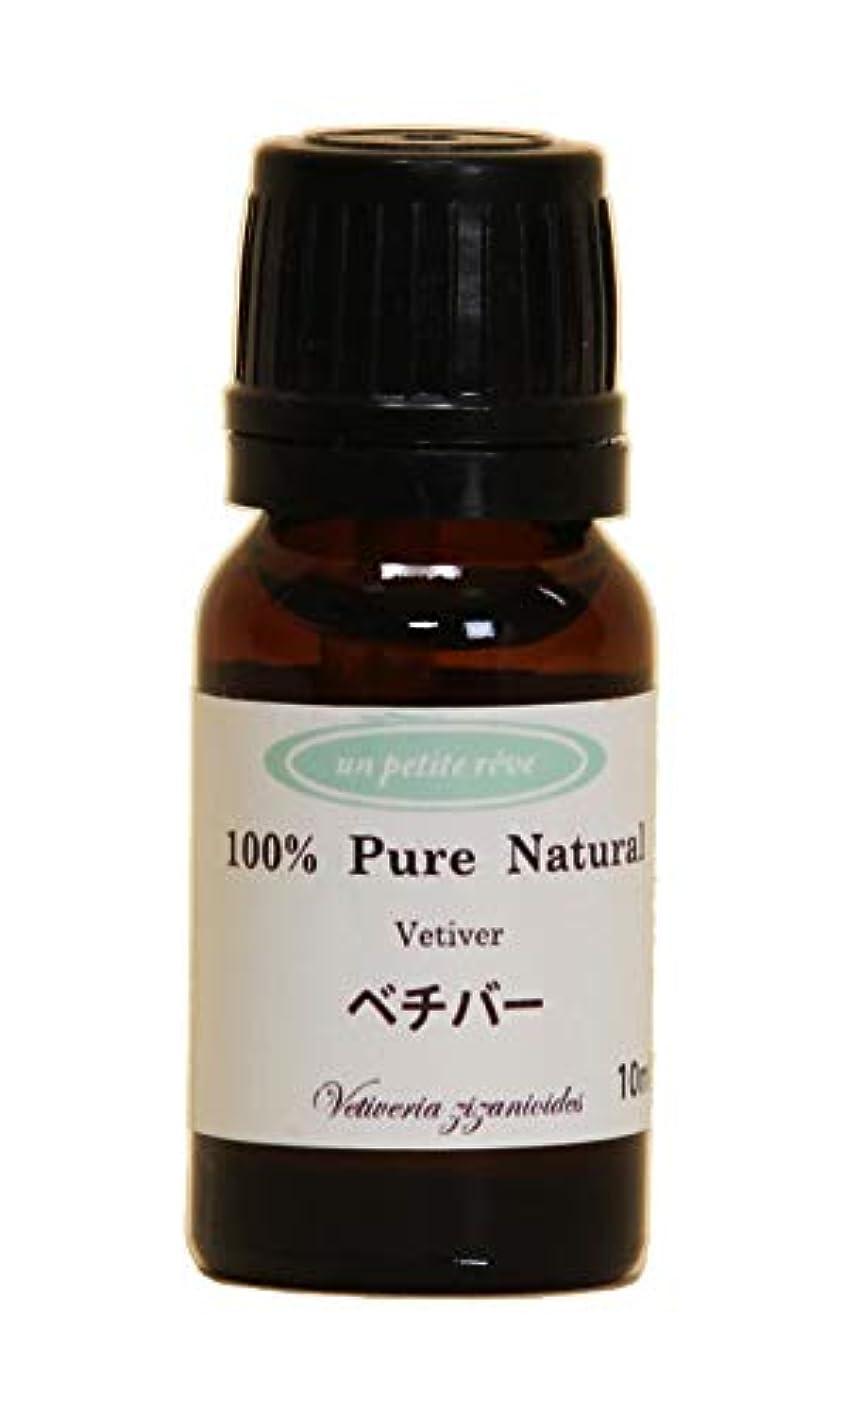 故障中オアシス被るベチバー 10ml 100%天然アロマエッセンシャルオイル(精油)